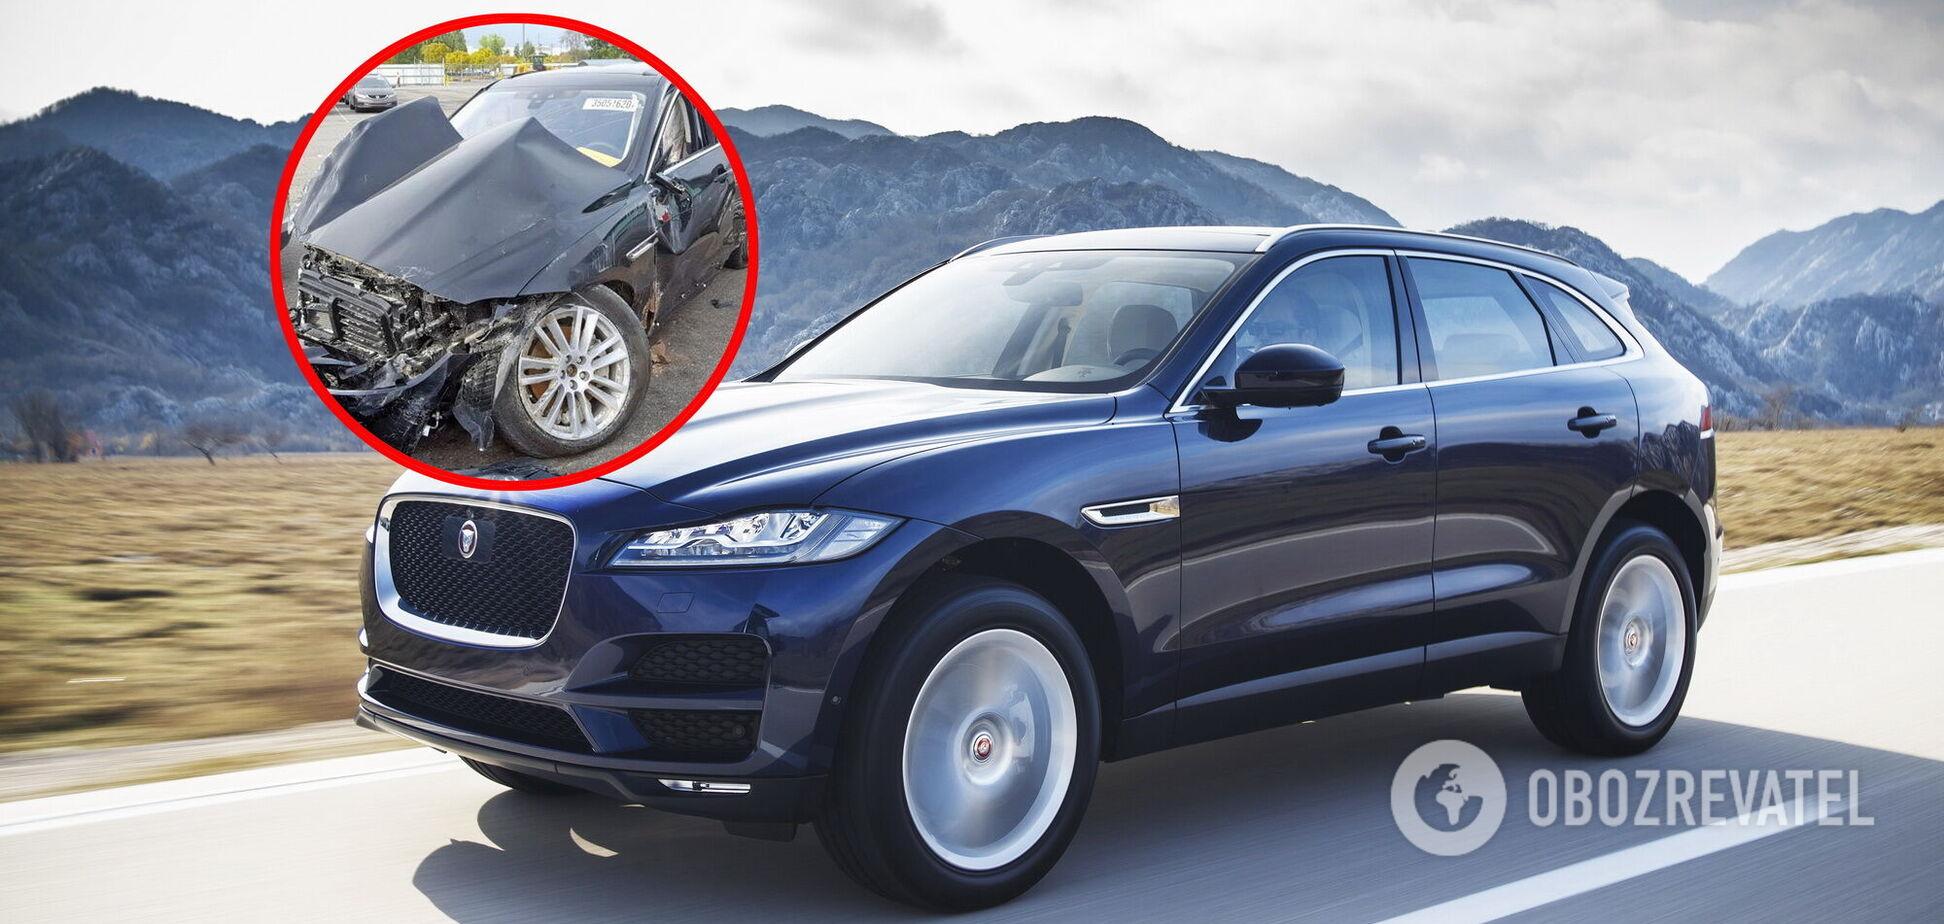 З металобрухту зібрали автомобіль та запропонували за $28500